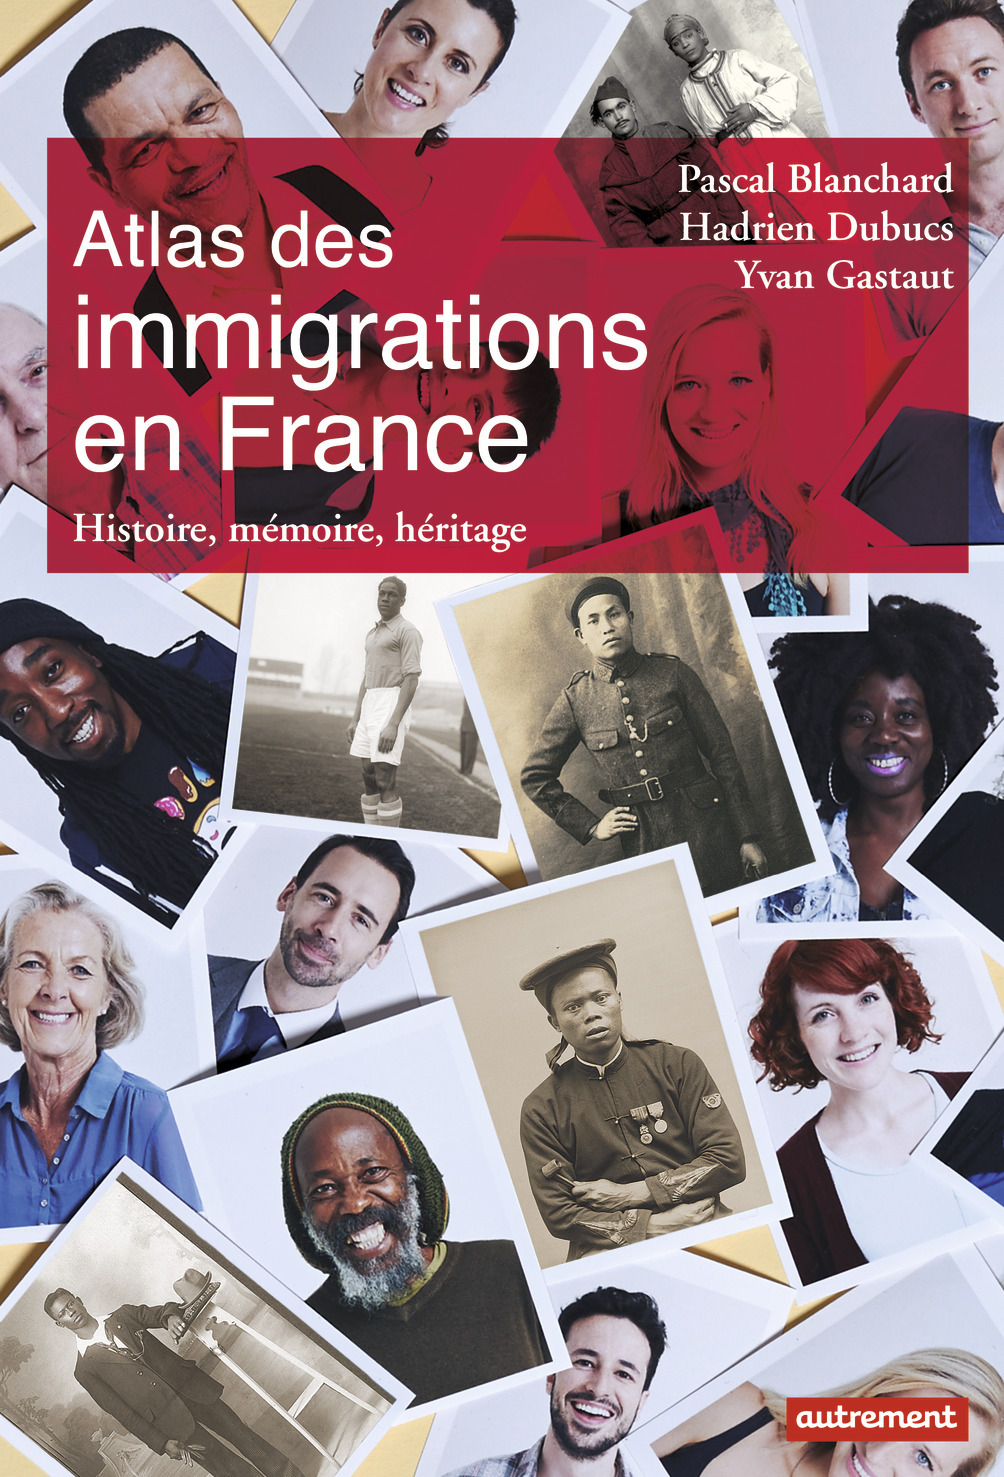 ATLAS DES IMMIGRATIONS EN FRANCE - HISTOIRE, MEMOIRE, HERITAGE